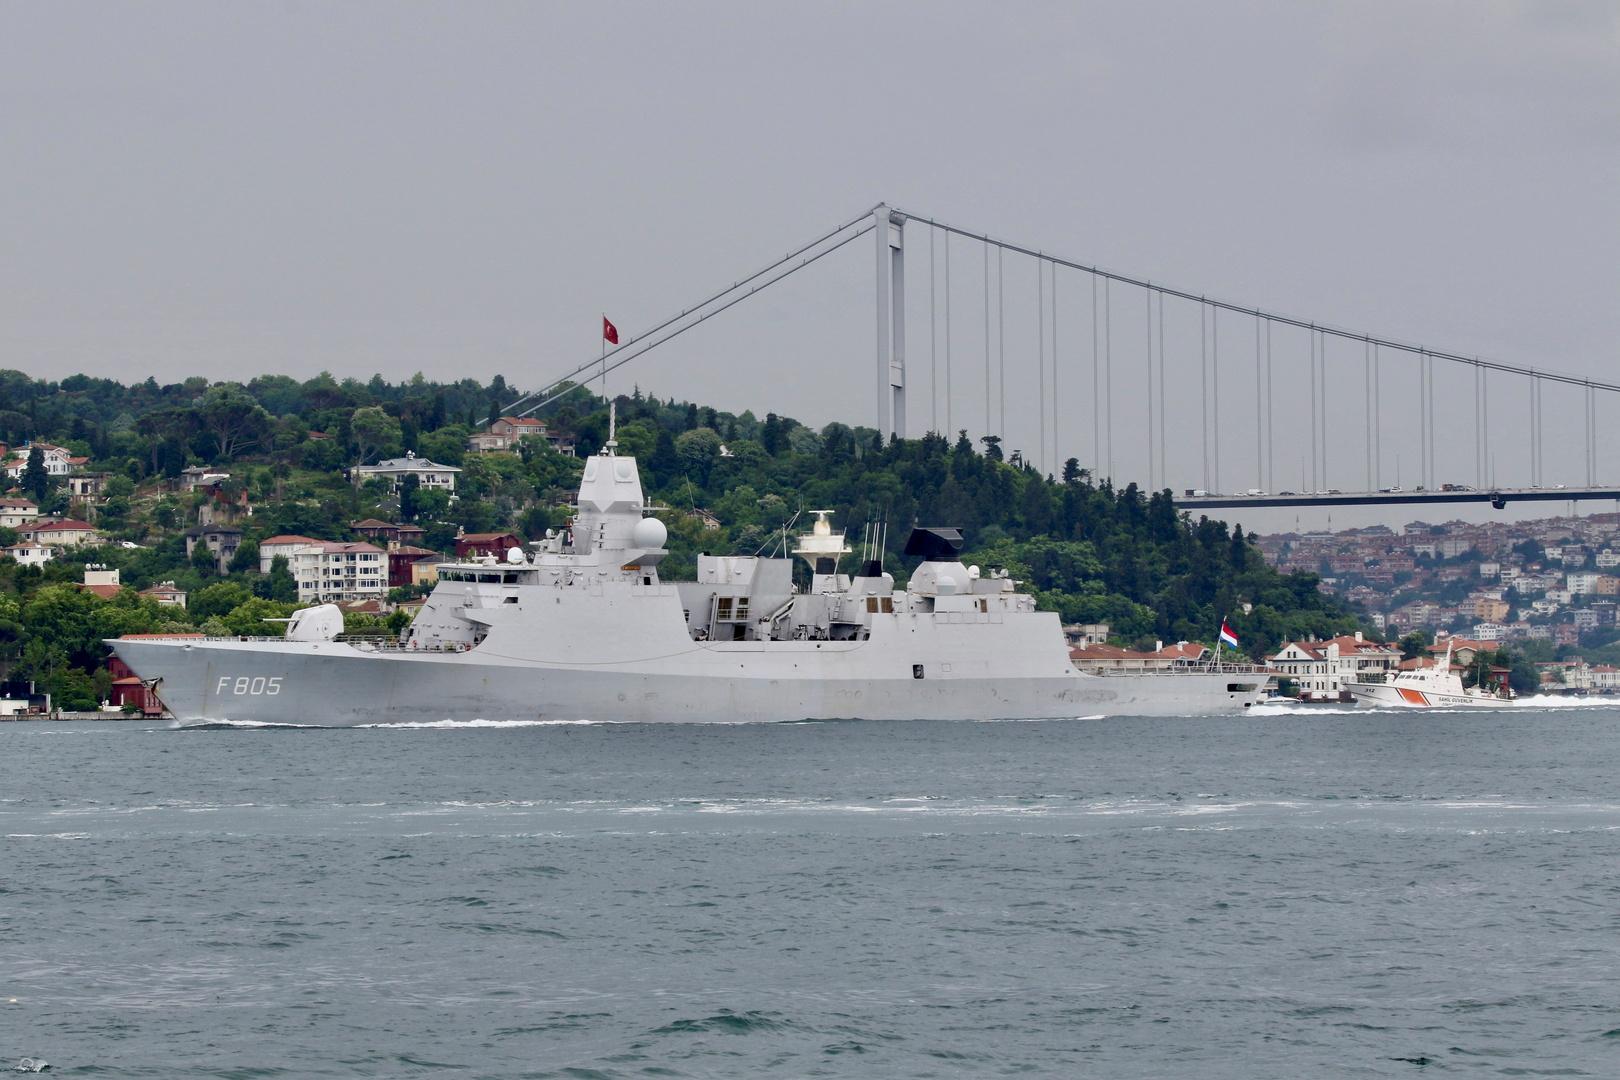 الدفاع الروسية: طائراتنا منعت سفينة هولندية من انتهاك حدود روسيا بالتوافق مع القانون الدولي